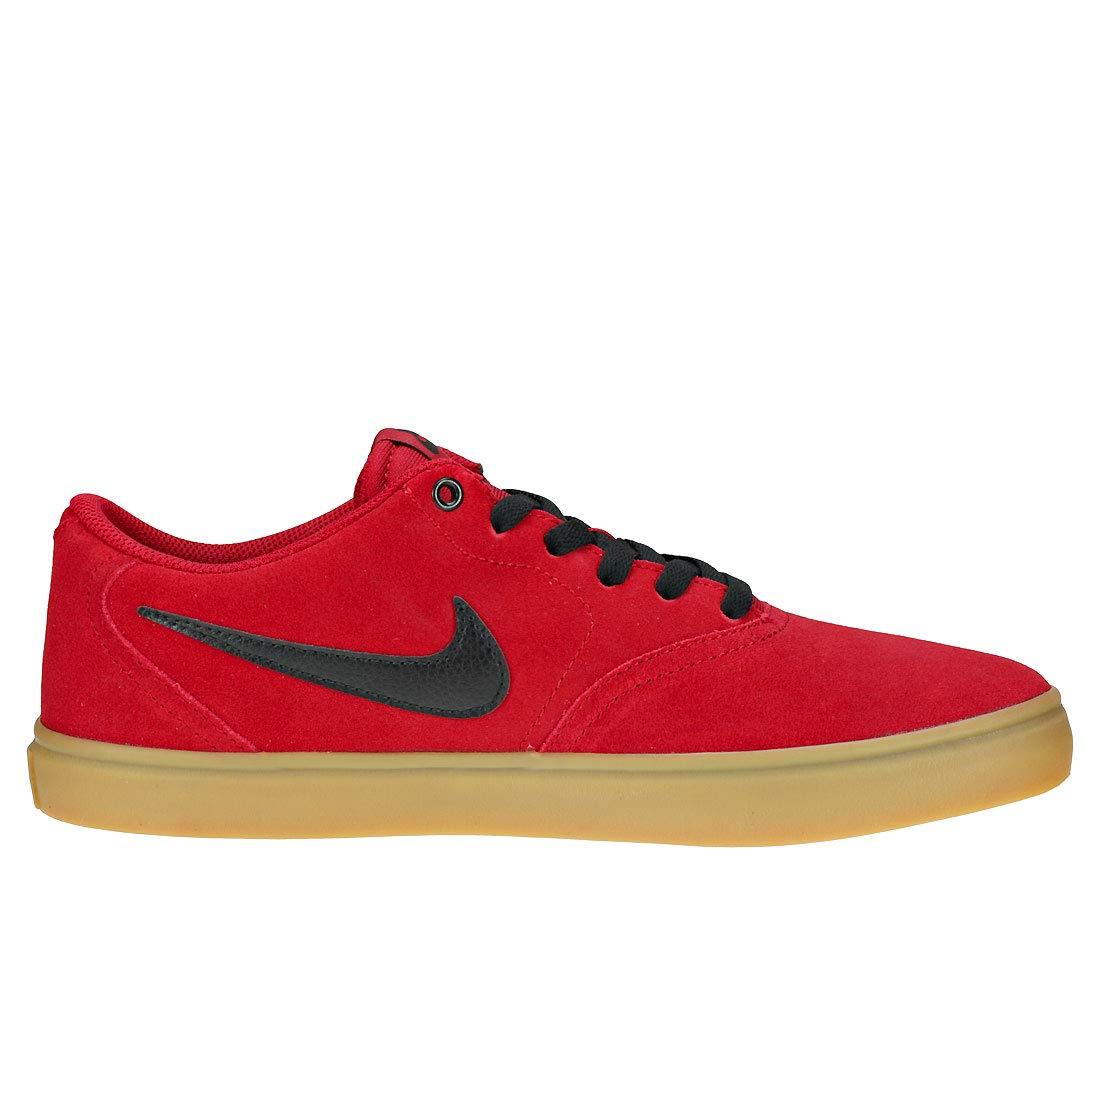 Nike Skateboardschuh SB Check Solarsoft, Scarpe da da da Skateboard Uomo B000G4FRYE 45 EU Rosso (rosso Crush nero-gum Light 601) | Ideale economico  | Durevole  | diversità  | Design affascinante  | Di Alta Qualità  | Molto apprezzato e ampiamente fidato d 3d2f90